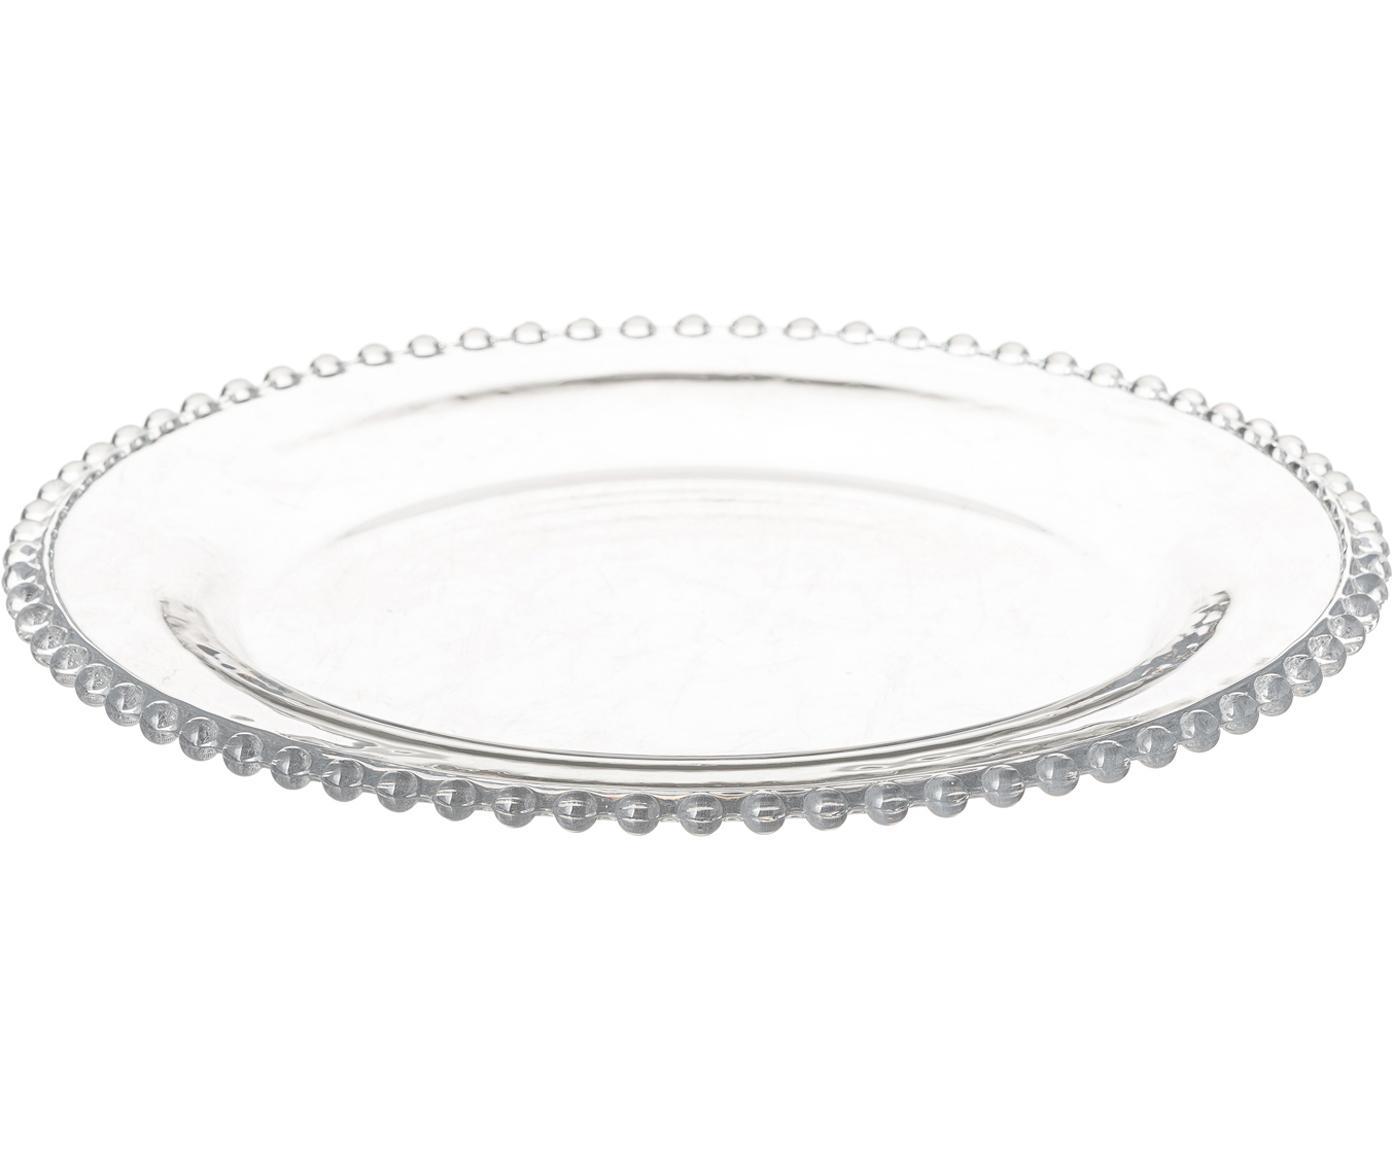 Dessertteller Perles, 2 Stück, Glas, Transparent, Ø 21 cm